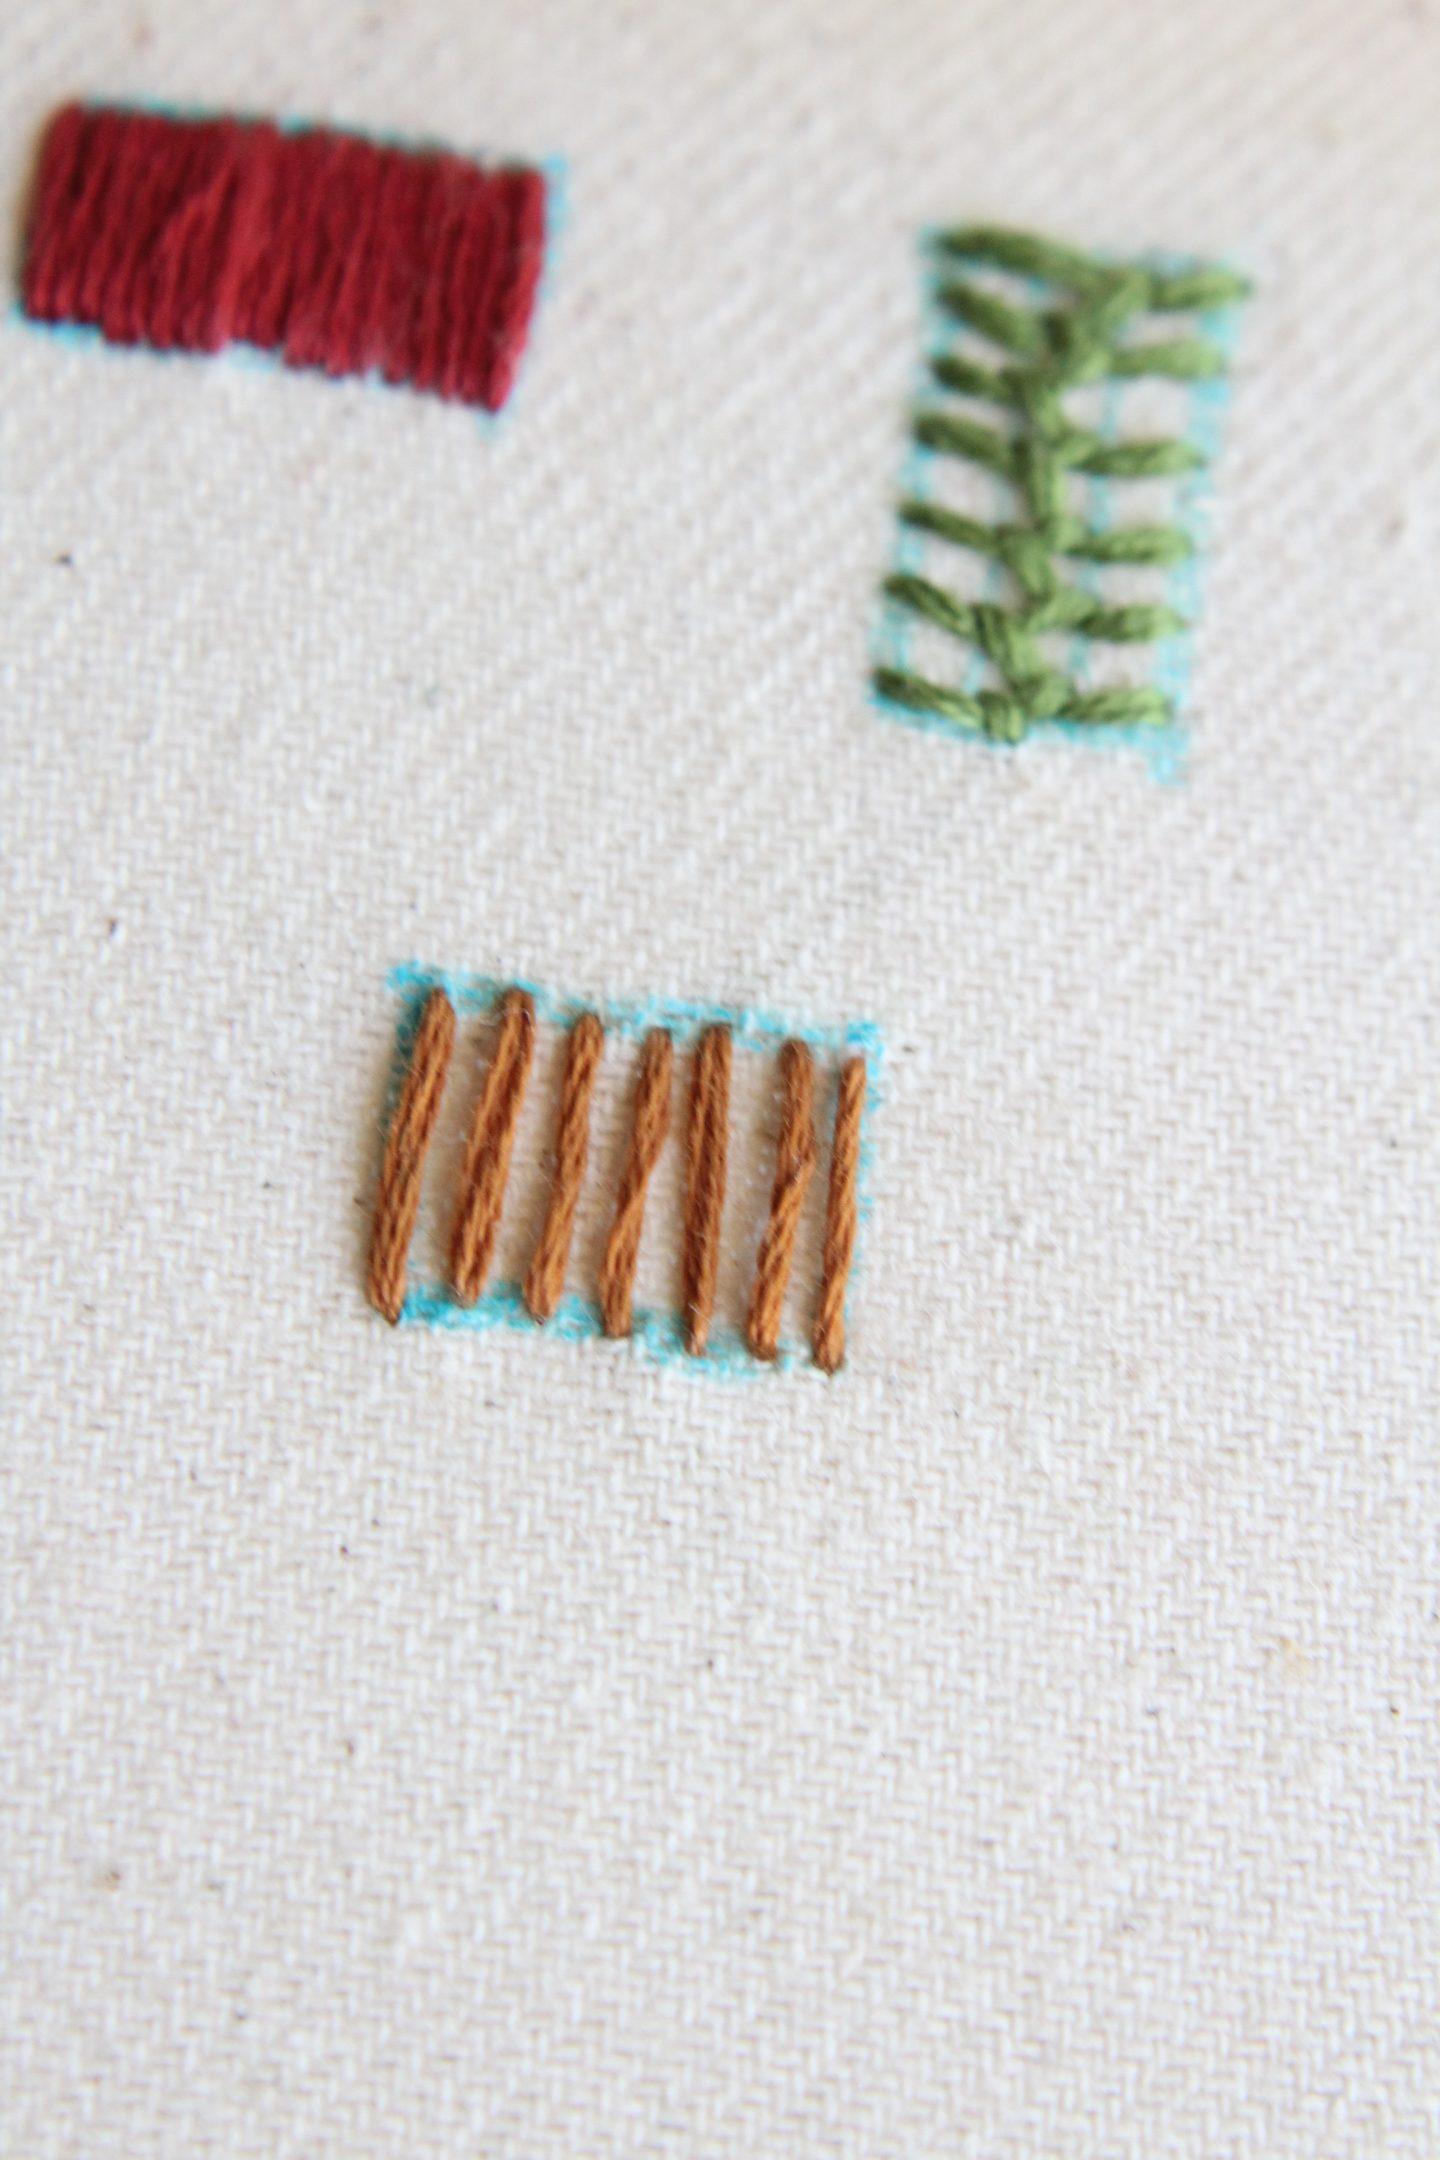 basket weave stitch tutorial step 1 - make vertical stitches